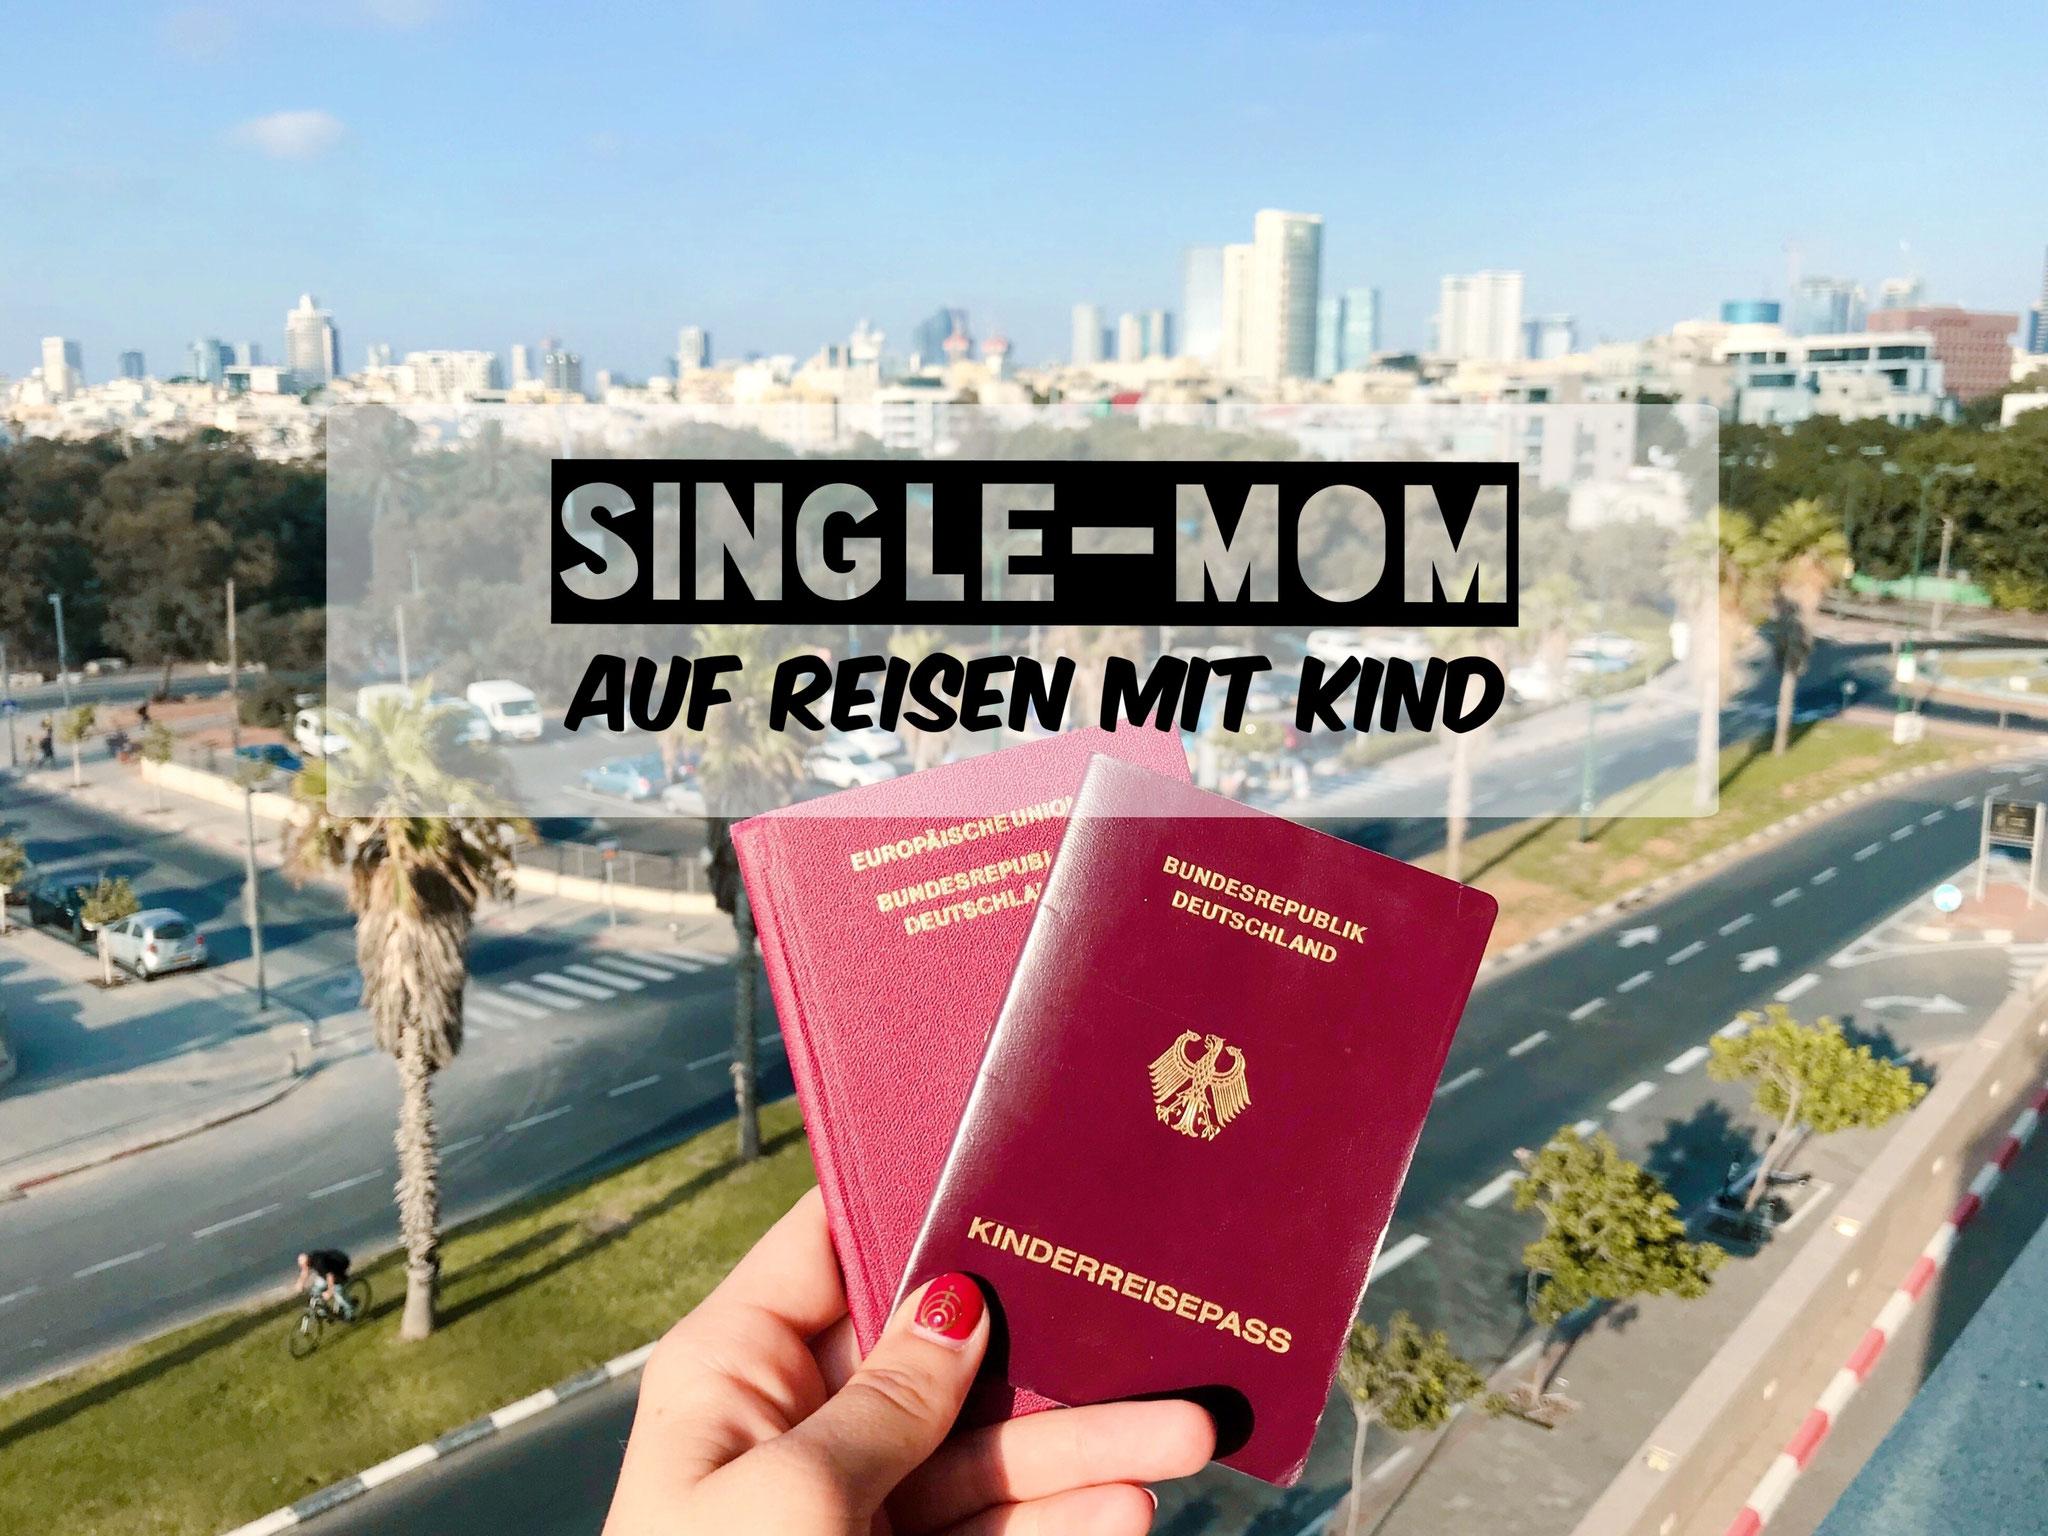 Als Single-Mom alleine reisen mit Kind